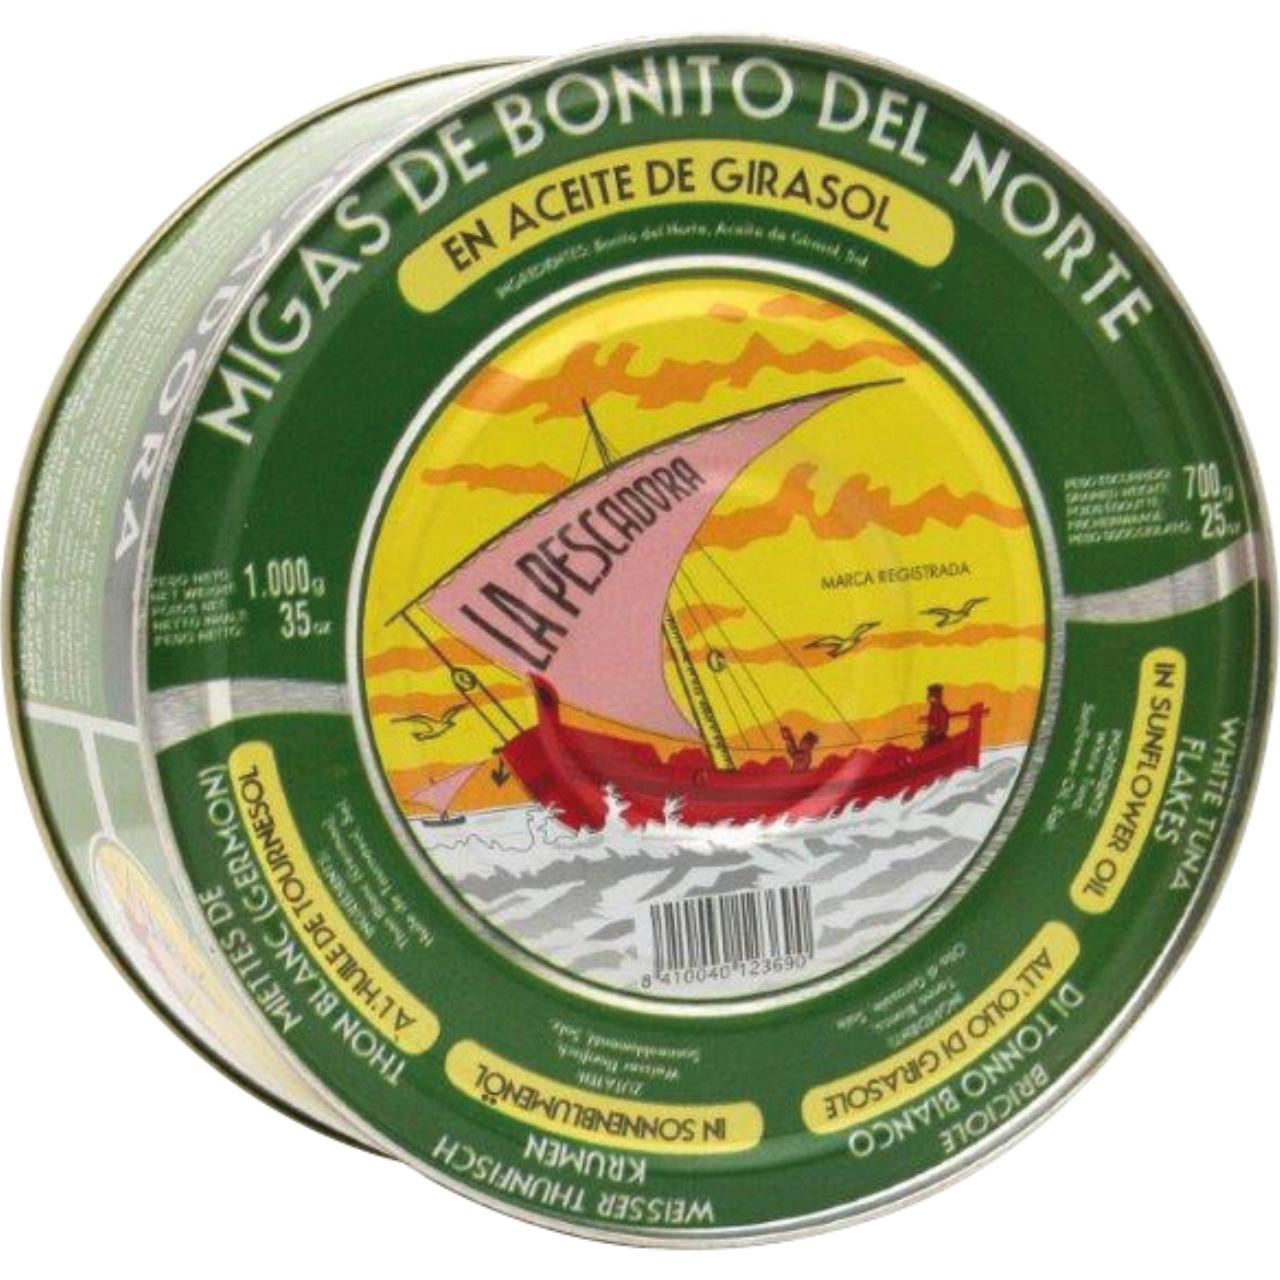 Migas de bonito en aceite girasol RO-1100 La Pescadora